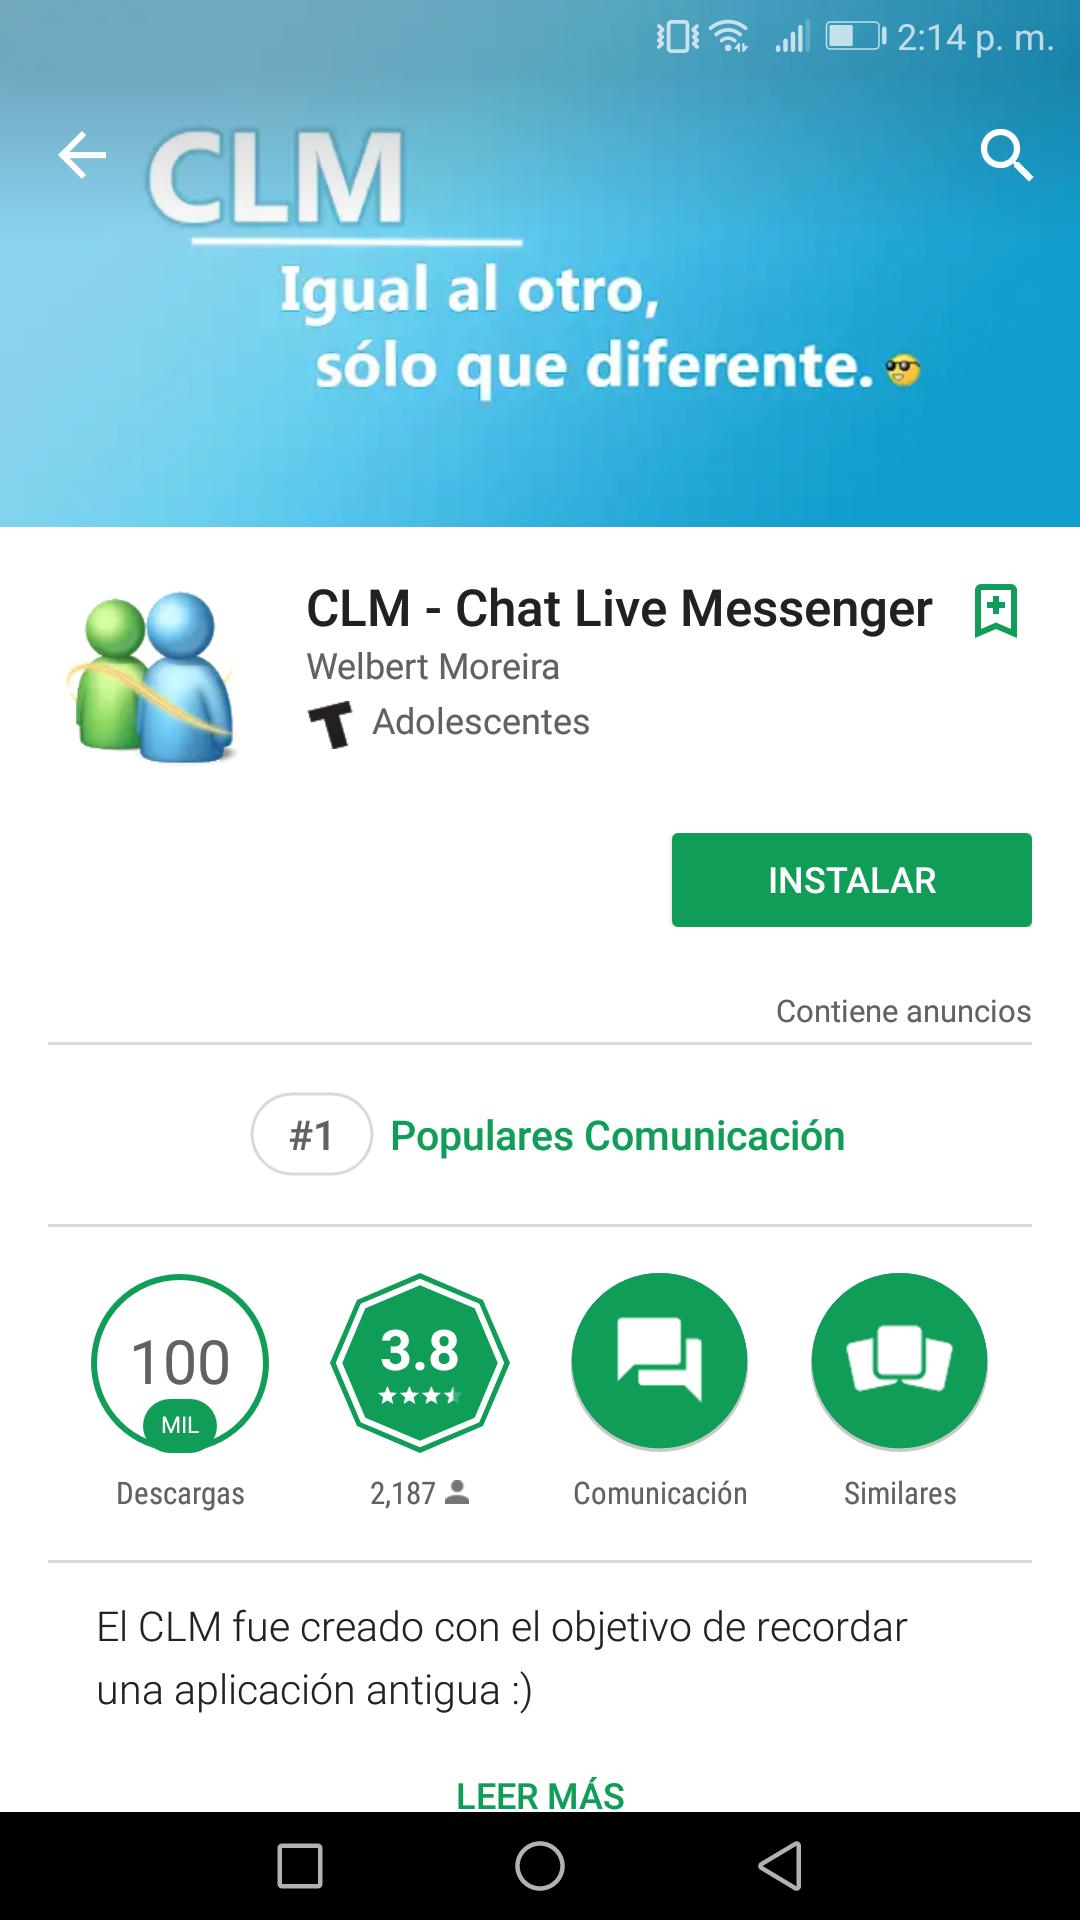 Tomen sus precauciones con CLM, la aplicación que promete